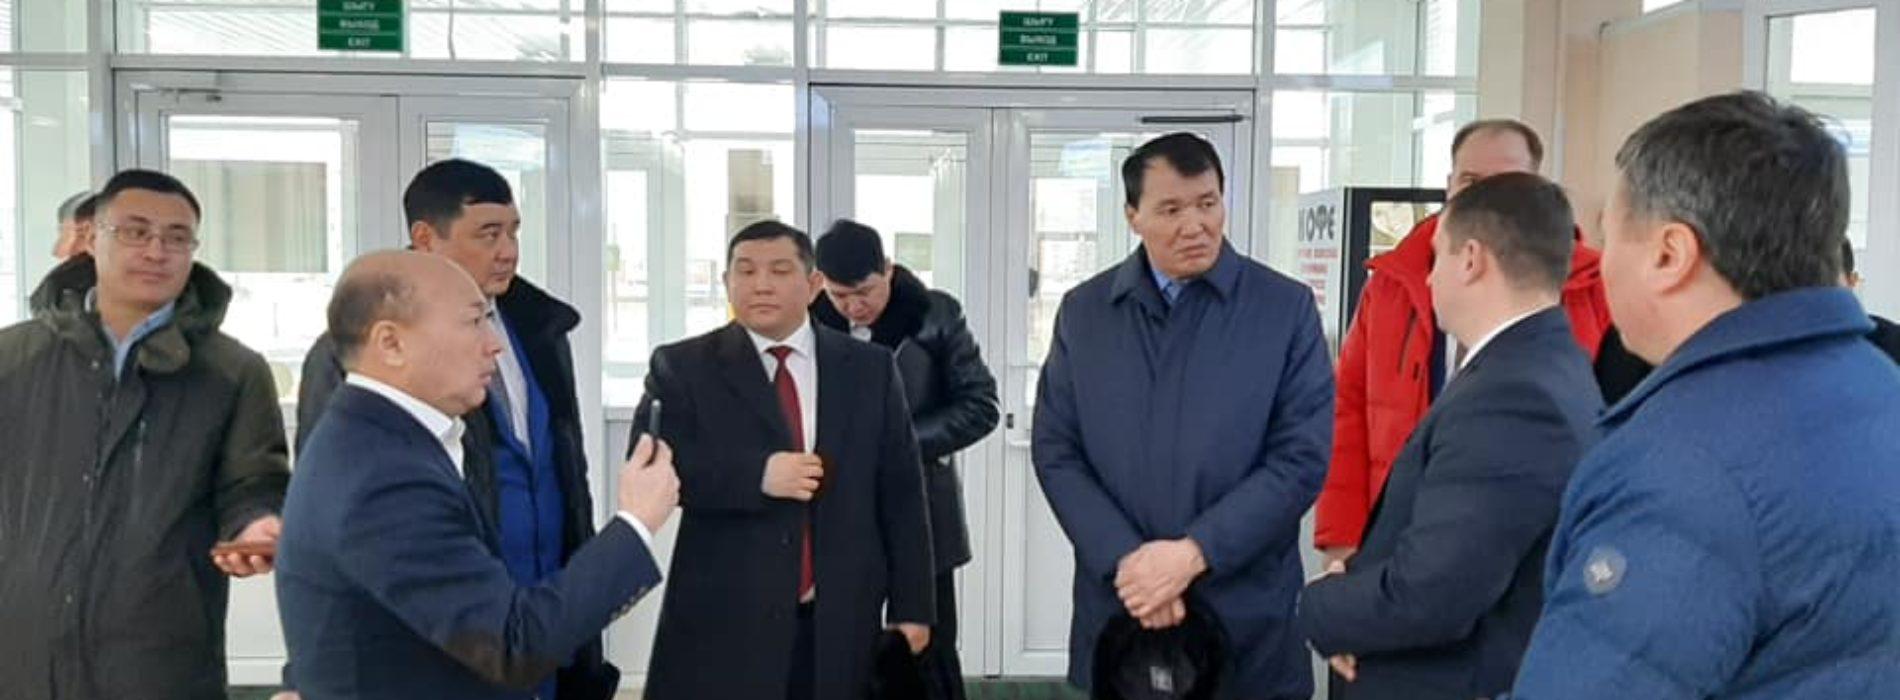 Открытие антикоррупционных центров в Казахстане